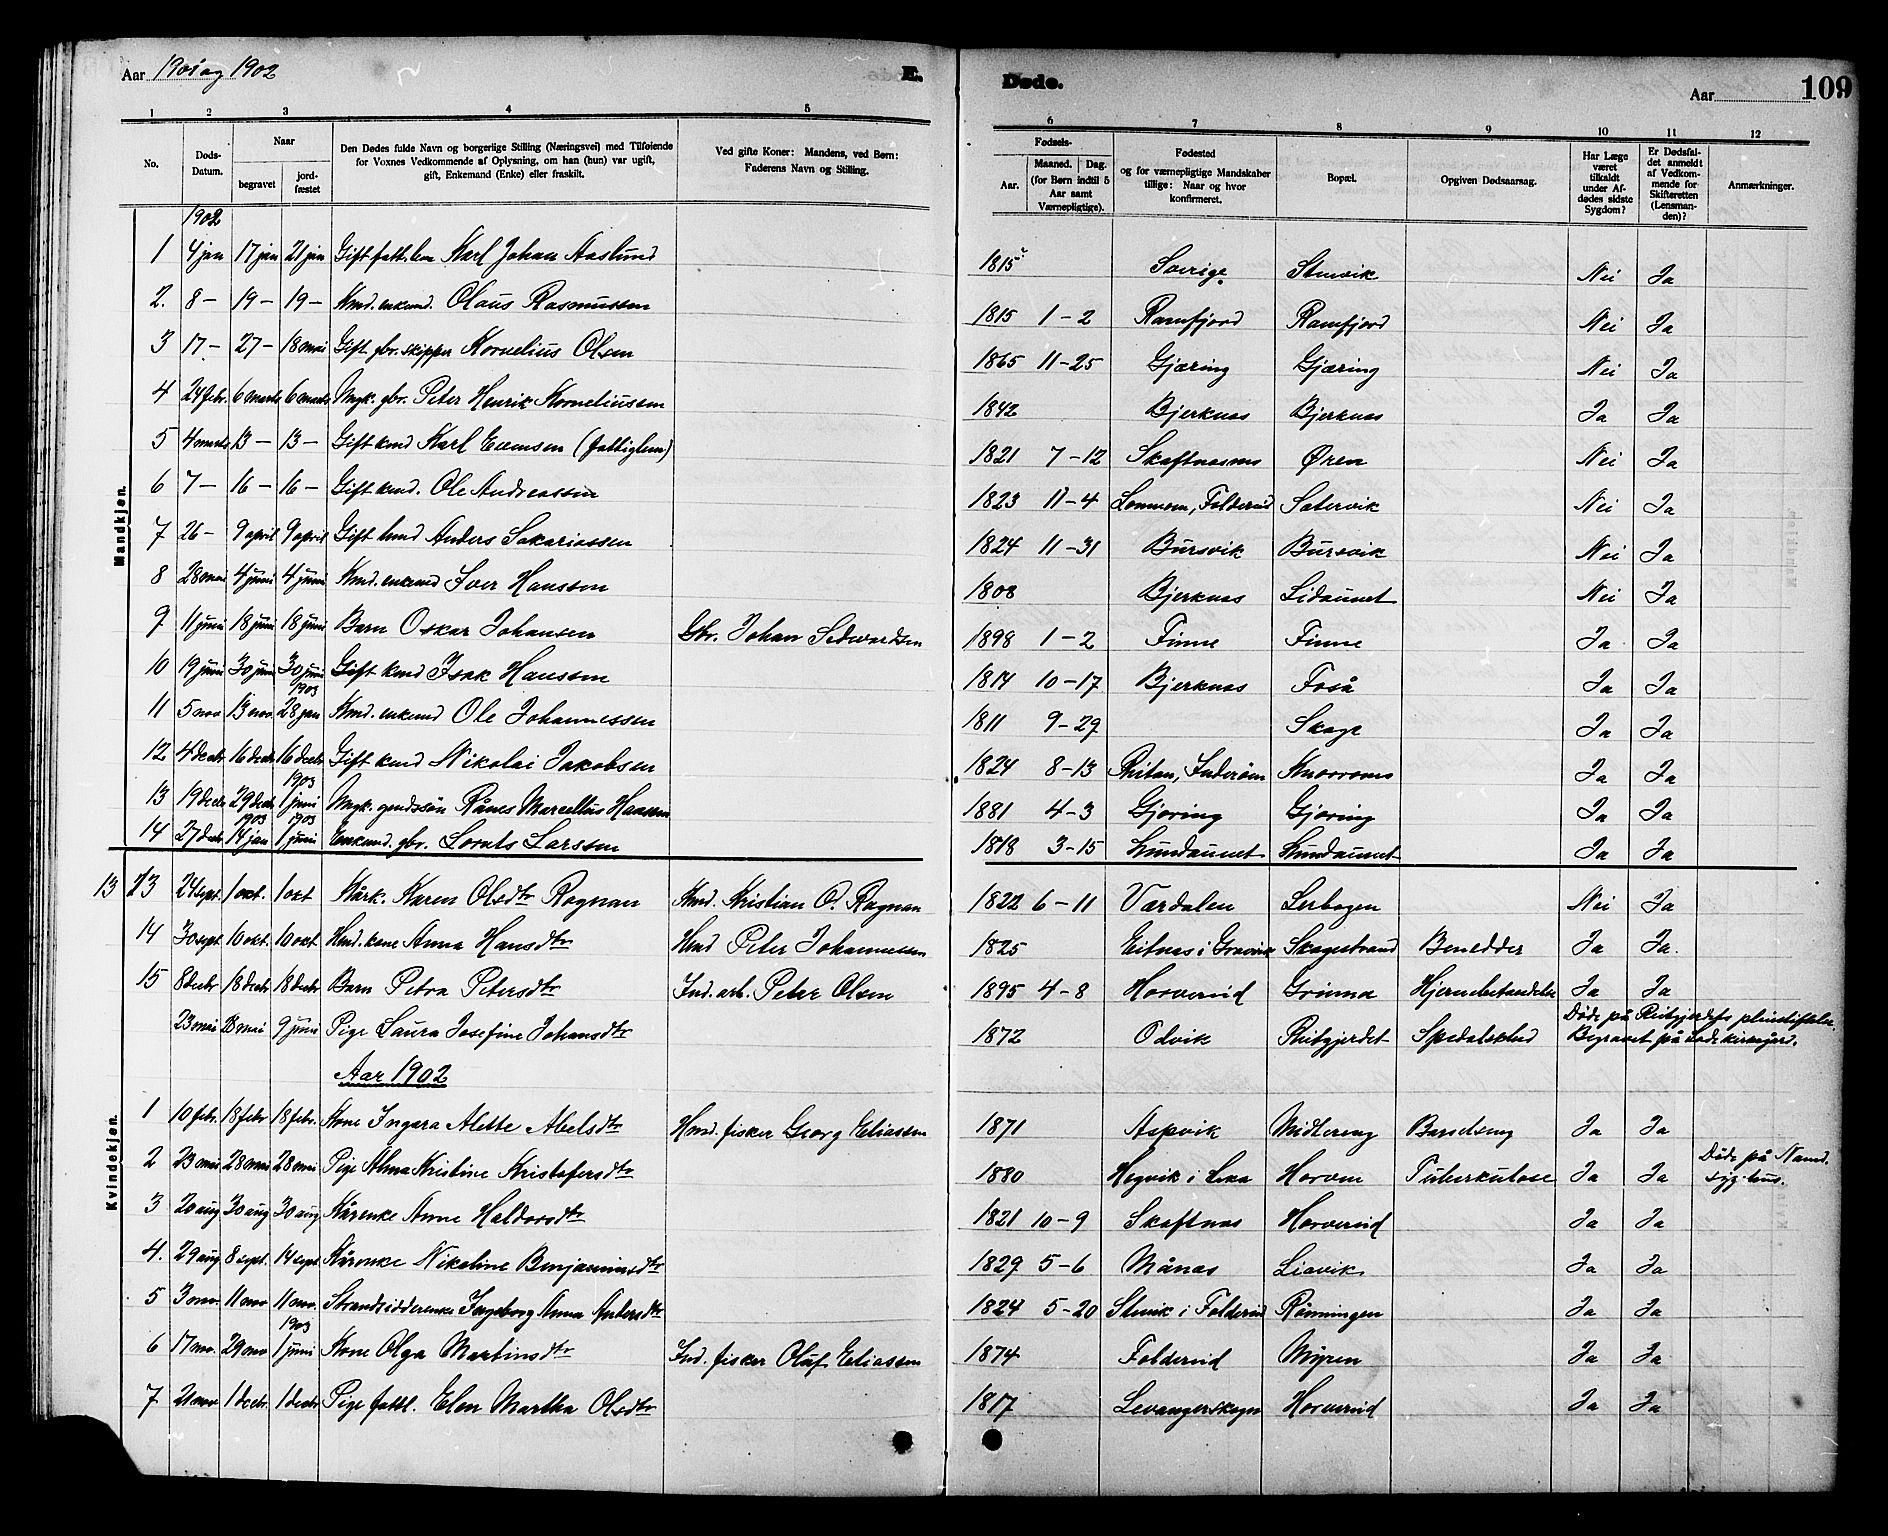 SAT, Ministerialprotokoller, klokkerbøker og fødselsregistre - Nord-Trøndelag, 780/L0652: Klokkerbok nr. 780C04, 1899-1911, s. 109